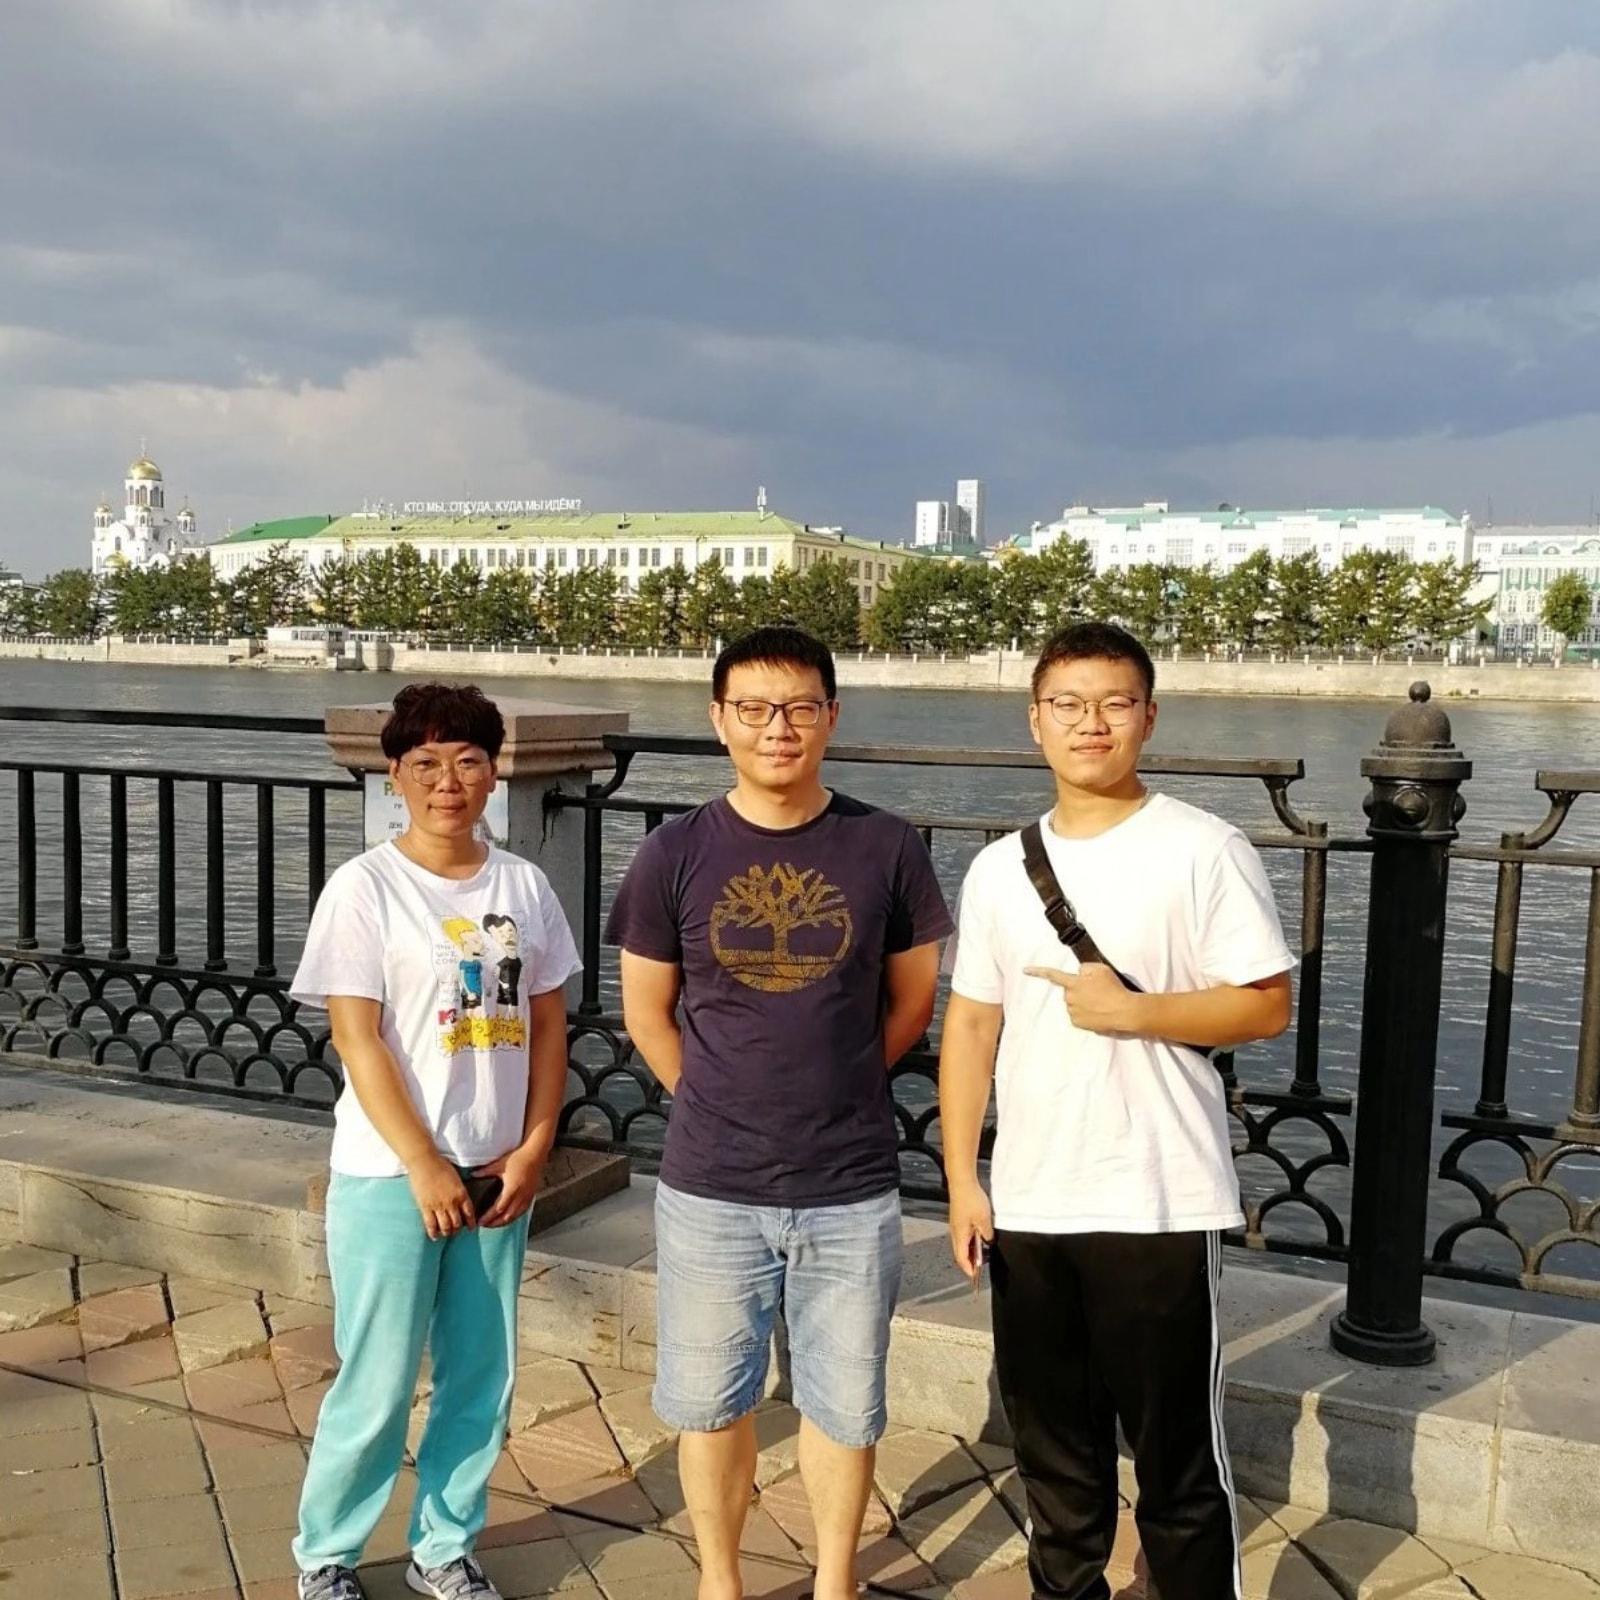 和学生还有家长在叶卡捷琳堡市中心合影